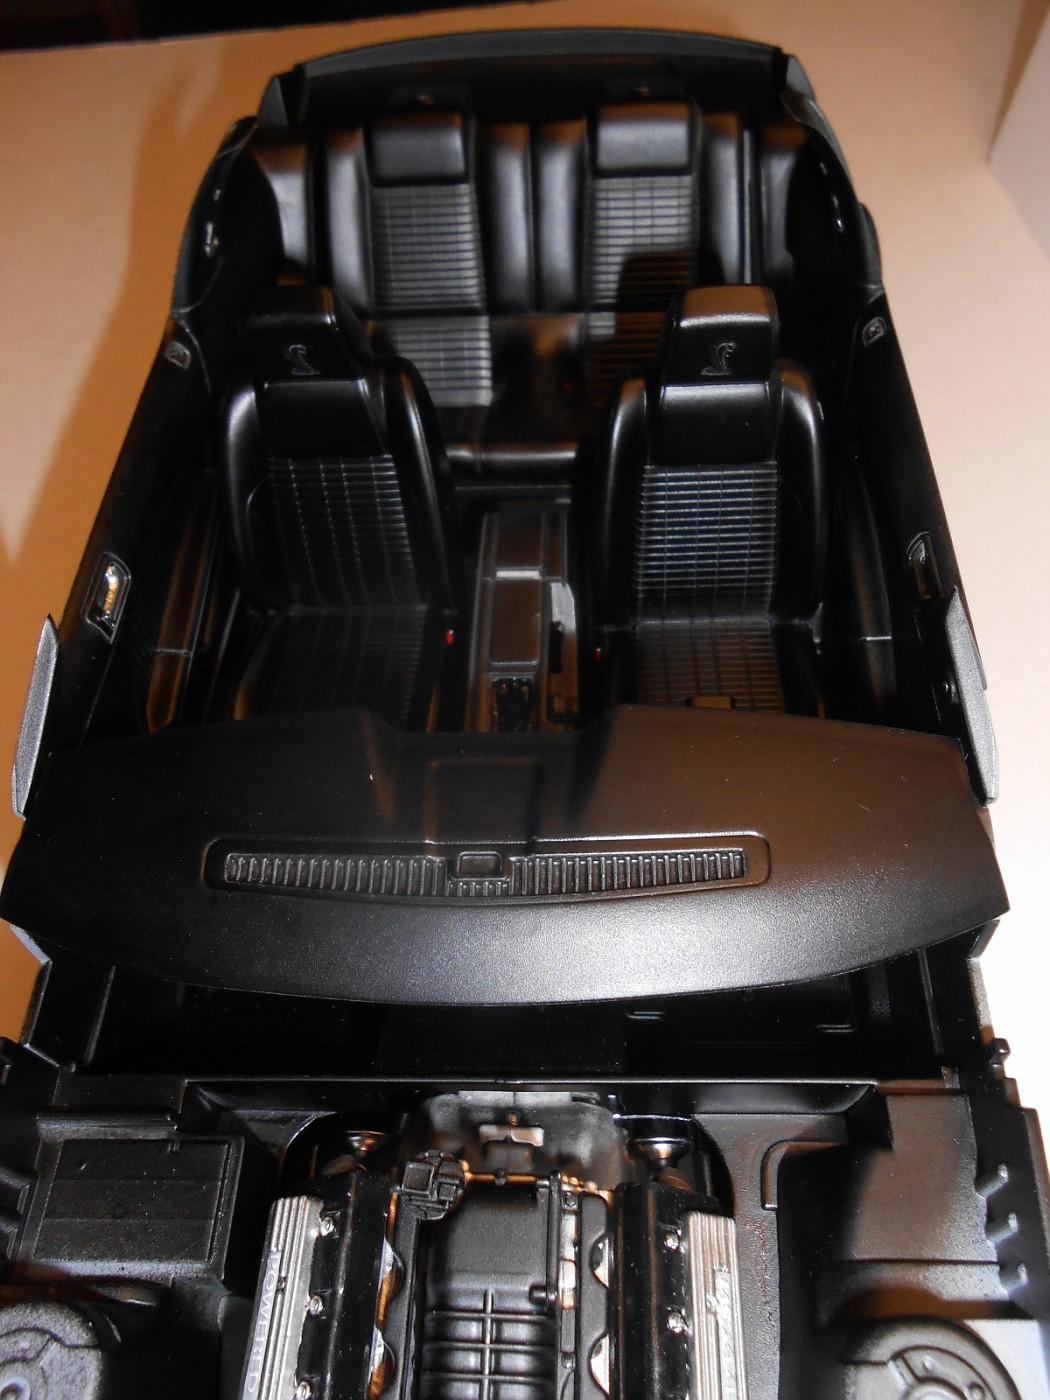 2010 SHELBY GT-500 REVELL 1:12 - Page 2 DSCN0559-vi